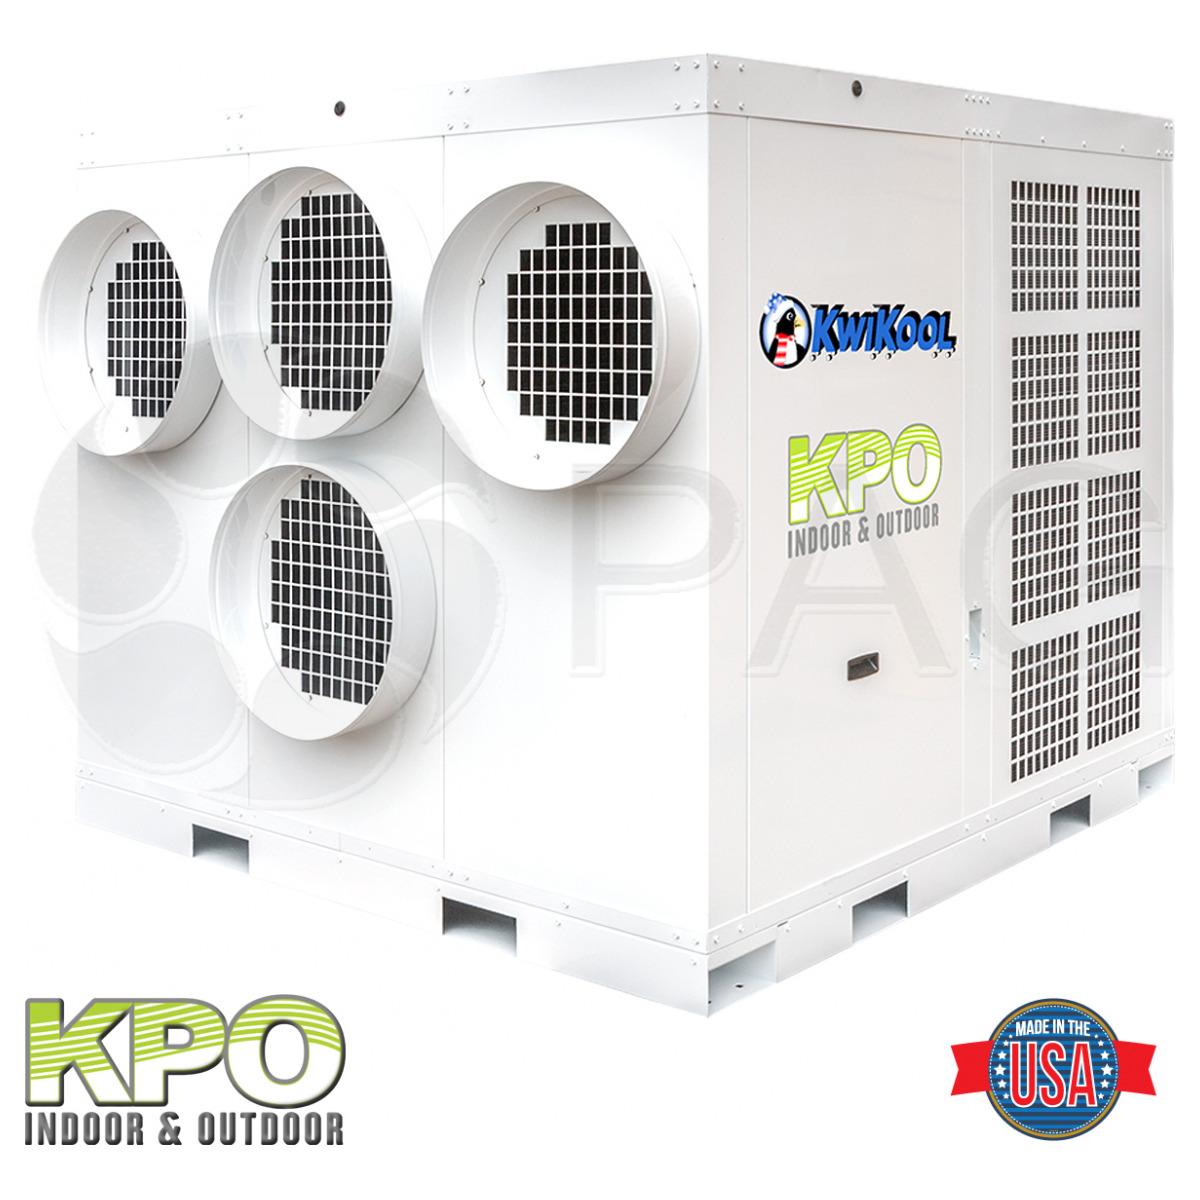 Picture of KwiKool's 25-ton Indoor/Outdoor AC unit - KPO25-43